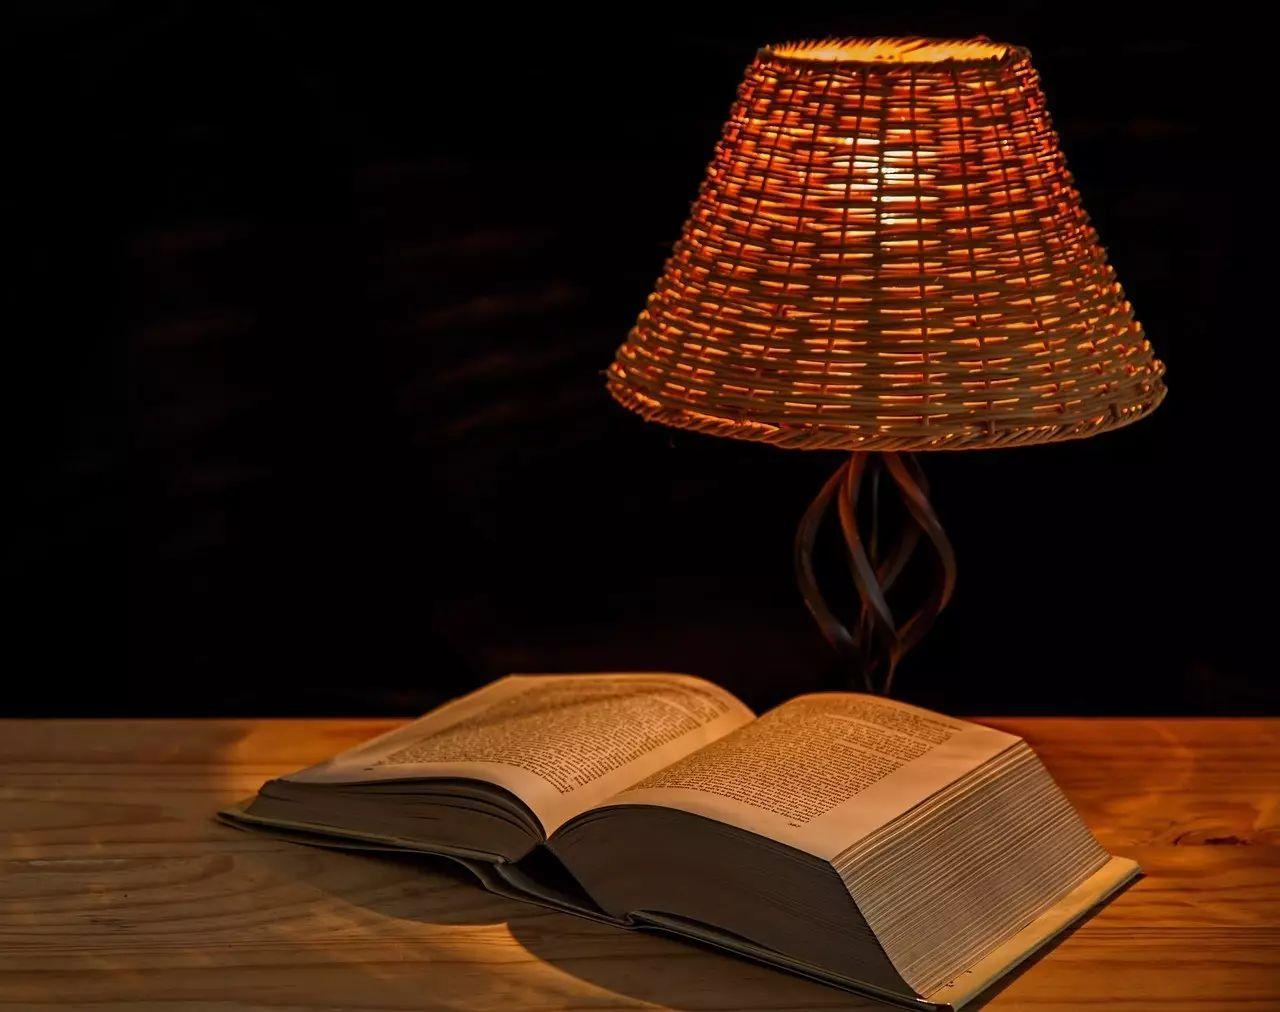 世界读书日|股神巴菲特:我们为什么要读书和终生学习?